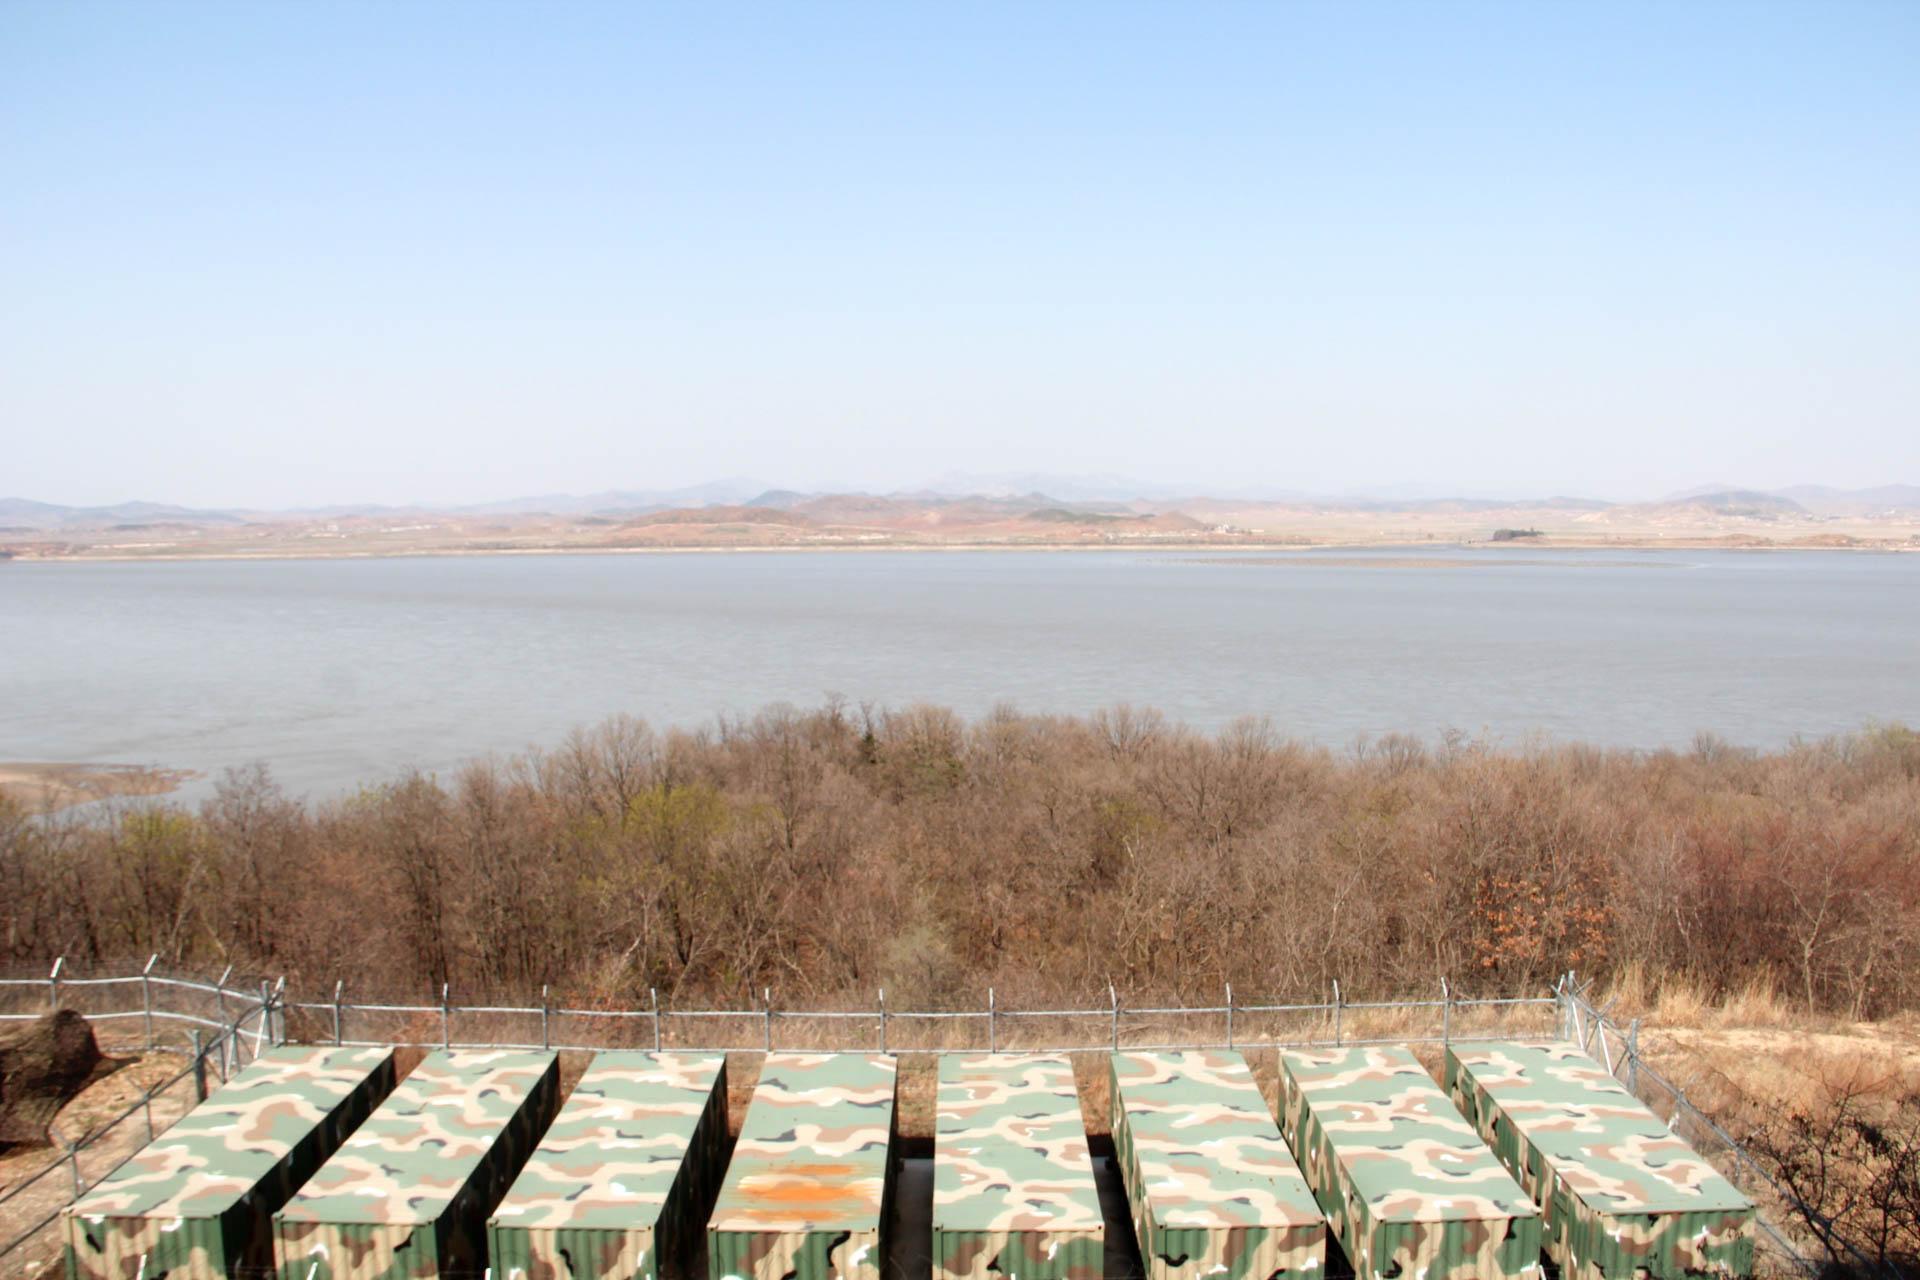 Impossible de se rendre en Corée du Nord depuis son voisin du Sud, mais certains points reculés près de la frontière offrent un aperçu du pays le plus fermé du monde. Découverte d'un no man's land pas comme les autres.